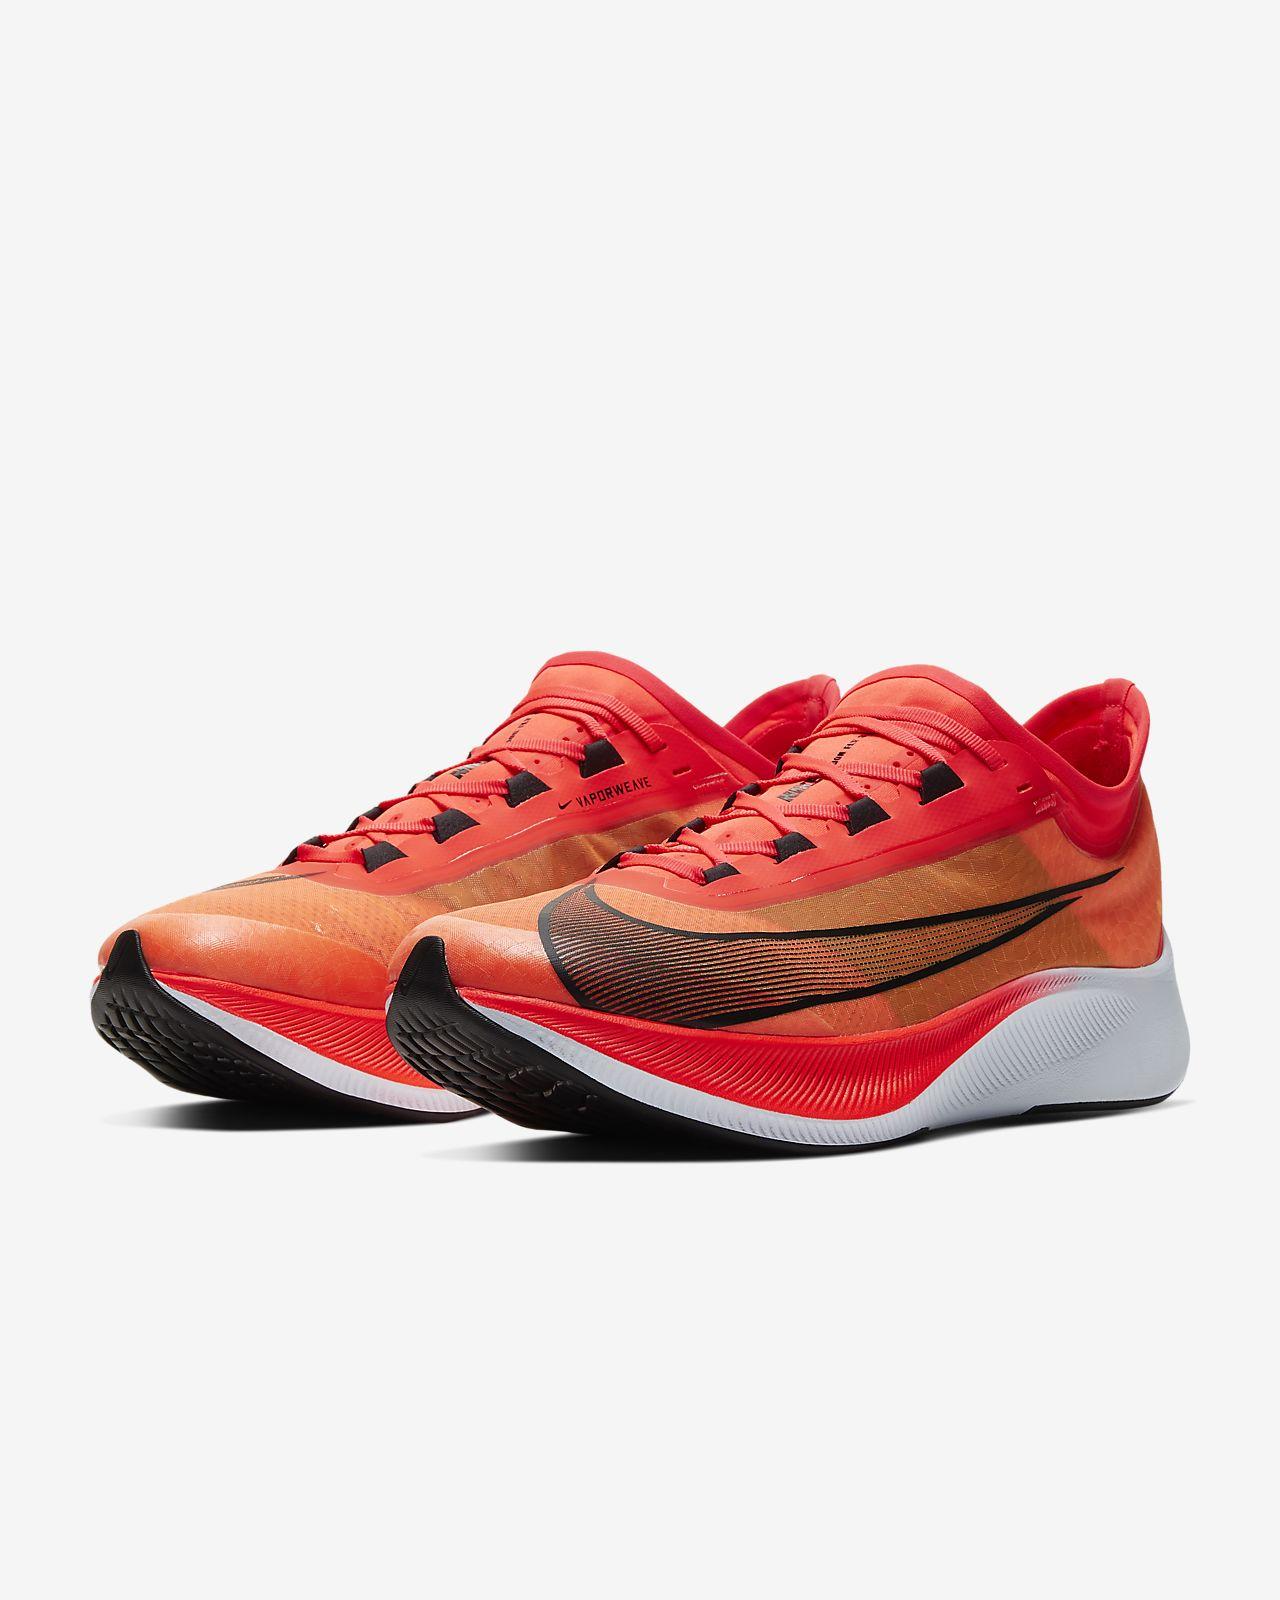 online österreich Nike Zoom Fly Sp 'London' Rosa www